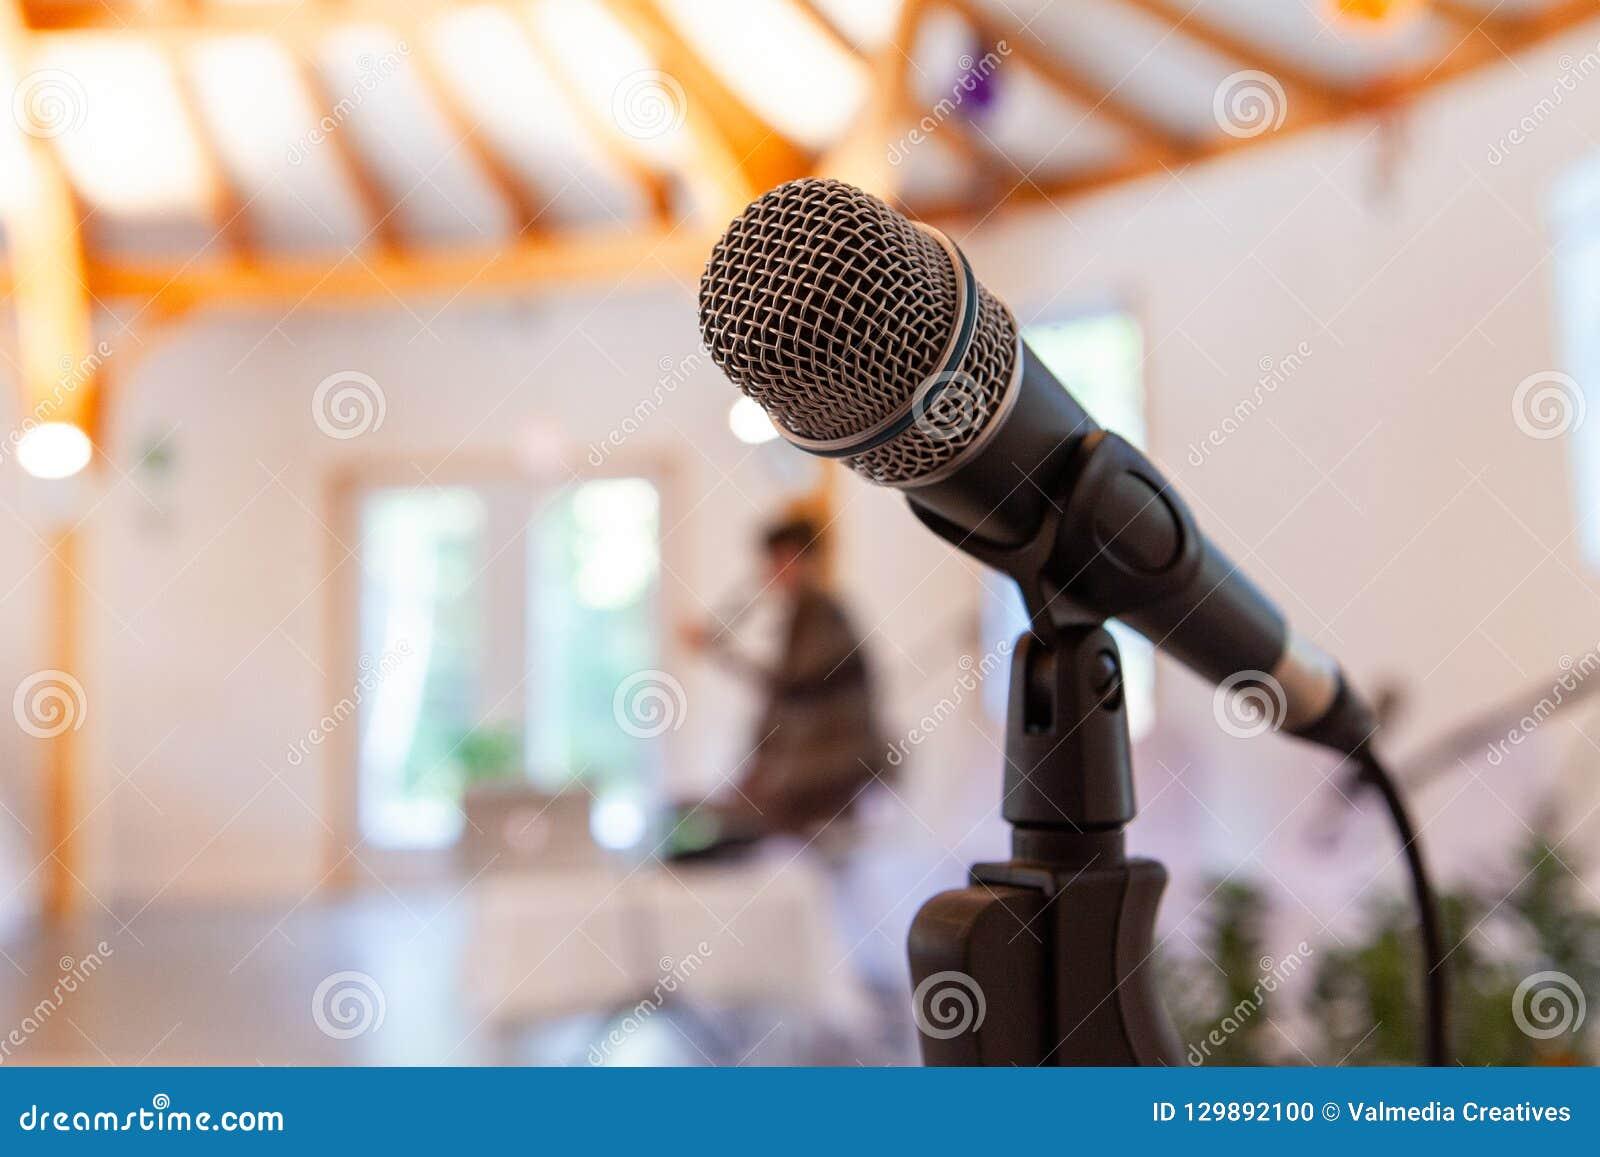 Mikrofon auf einem geraden Stand, wenn die undeutliche Frau eine Konferenz gibt